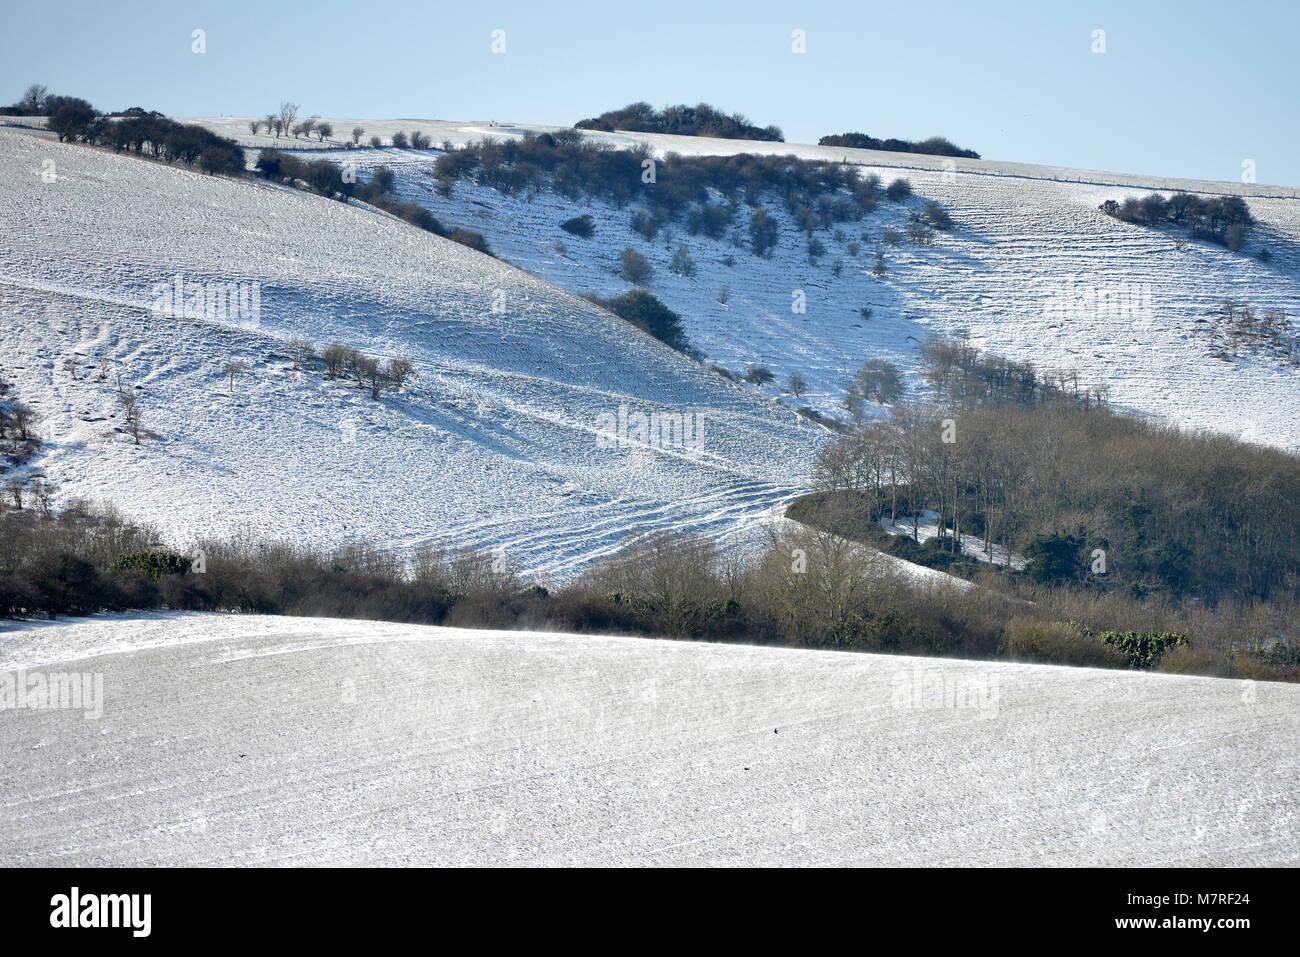 South downs escarpment in winter. - Stock Image